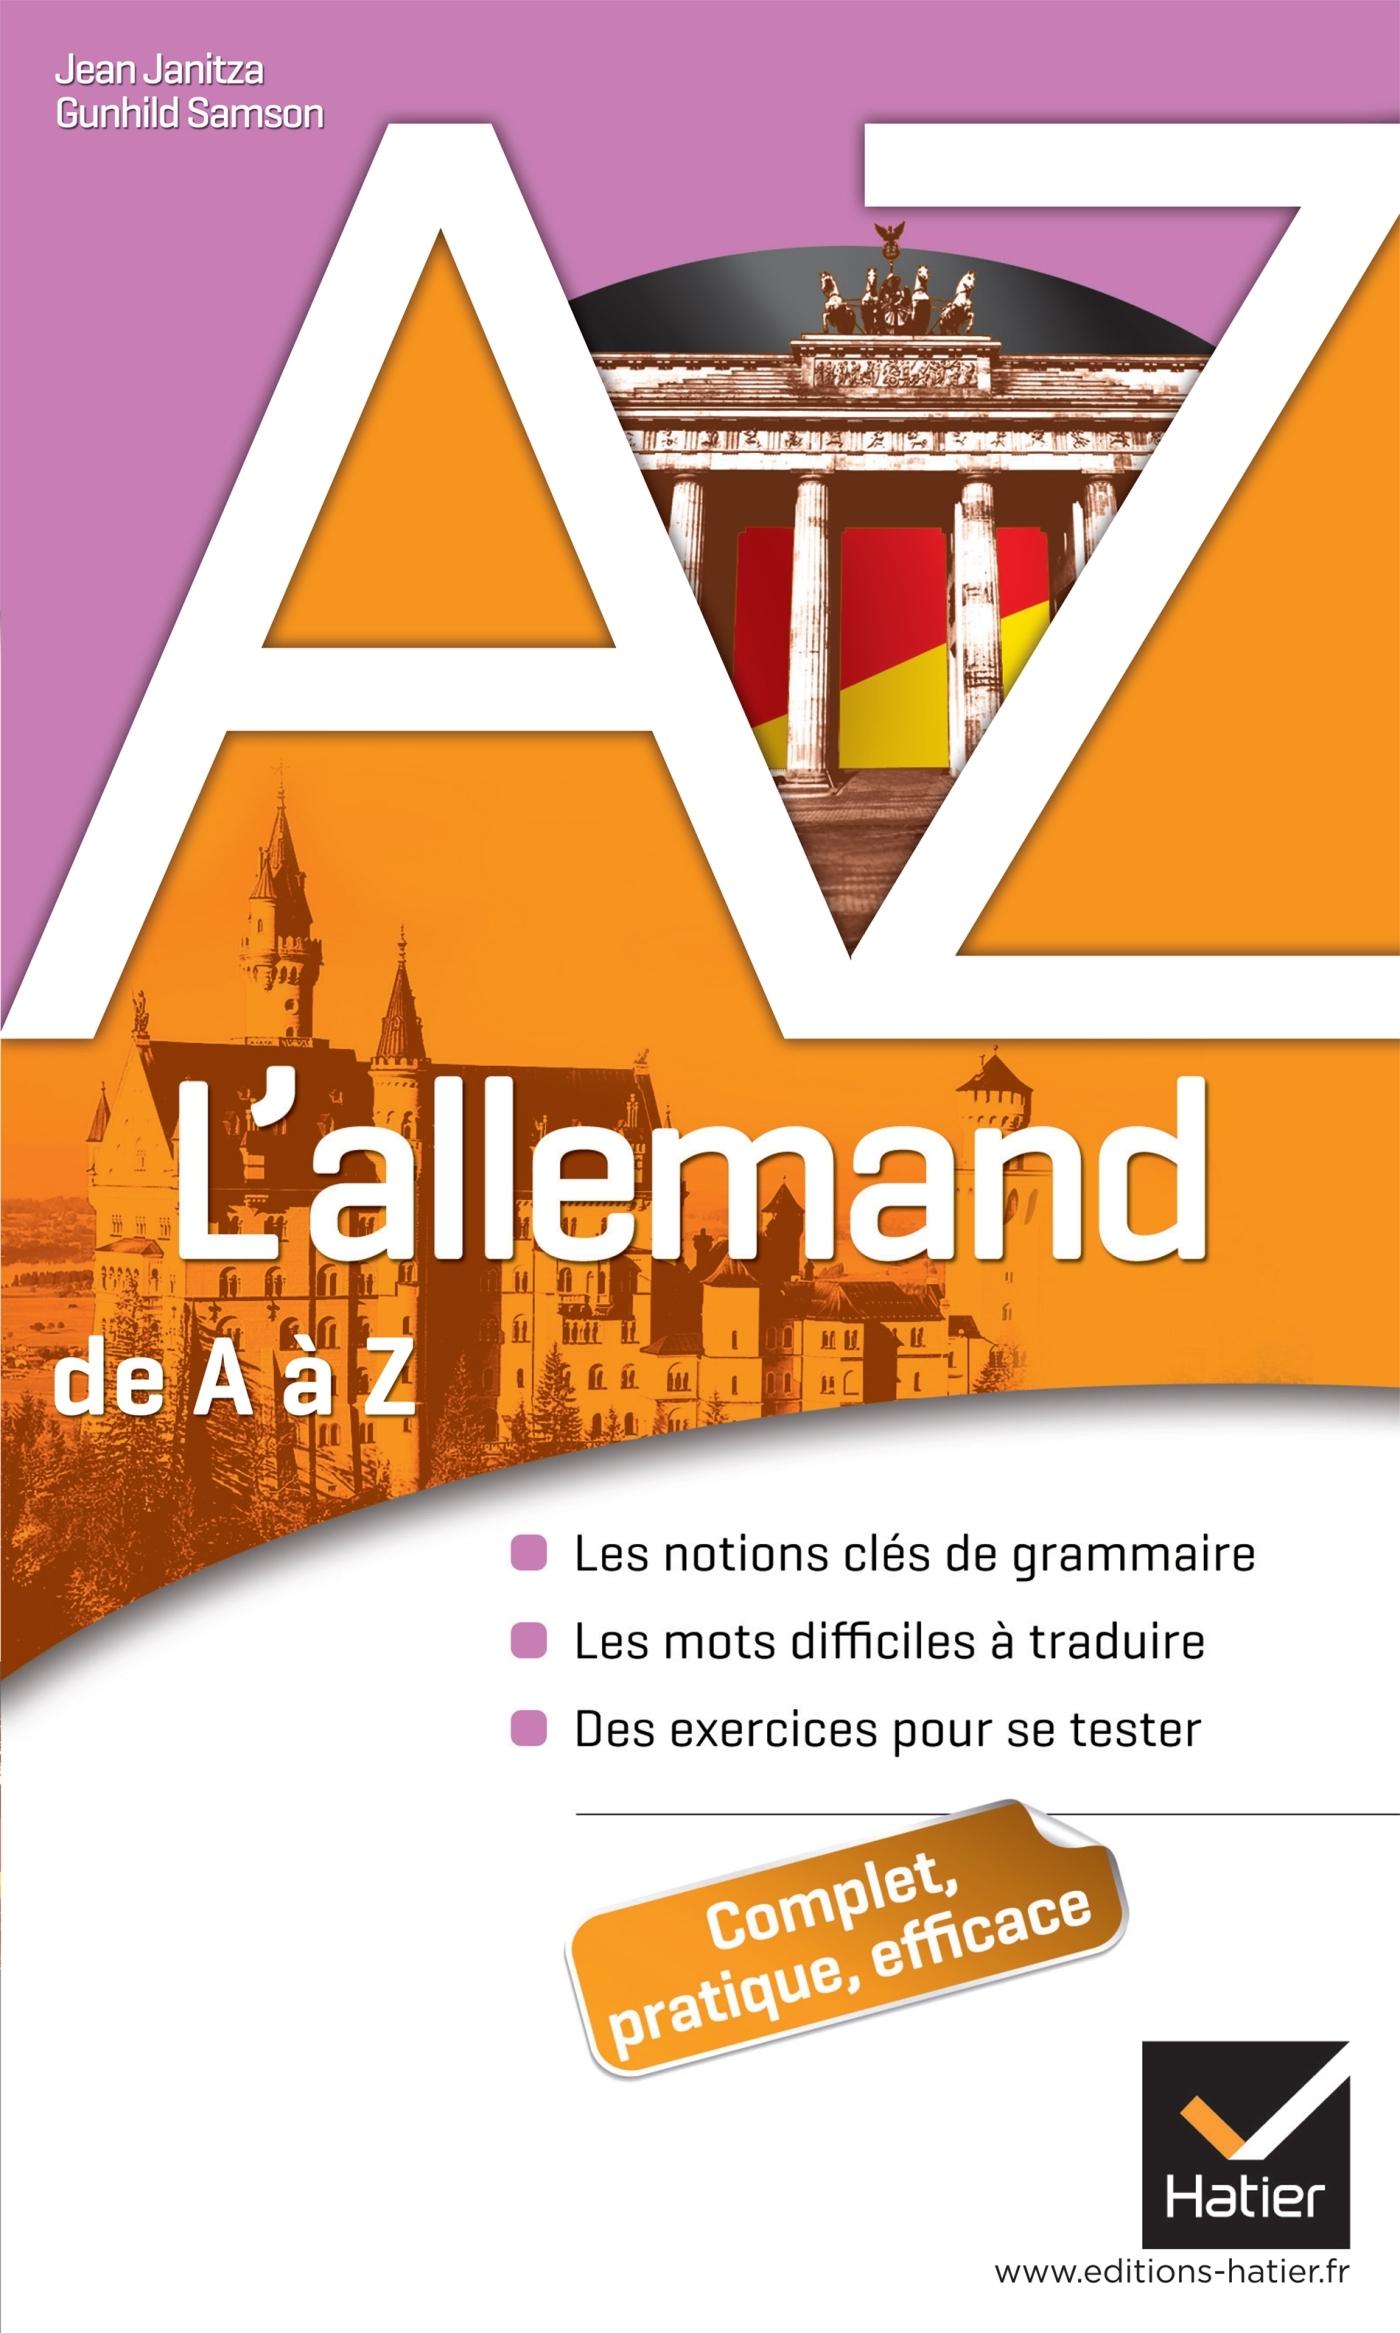 L'ALLEMAND DE A A Z - GRAMMAIRE, CONJUGAISON ET DIFFICULTES